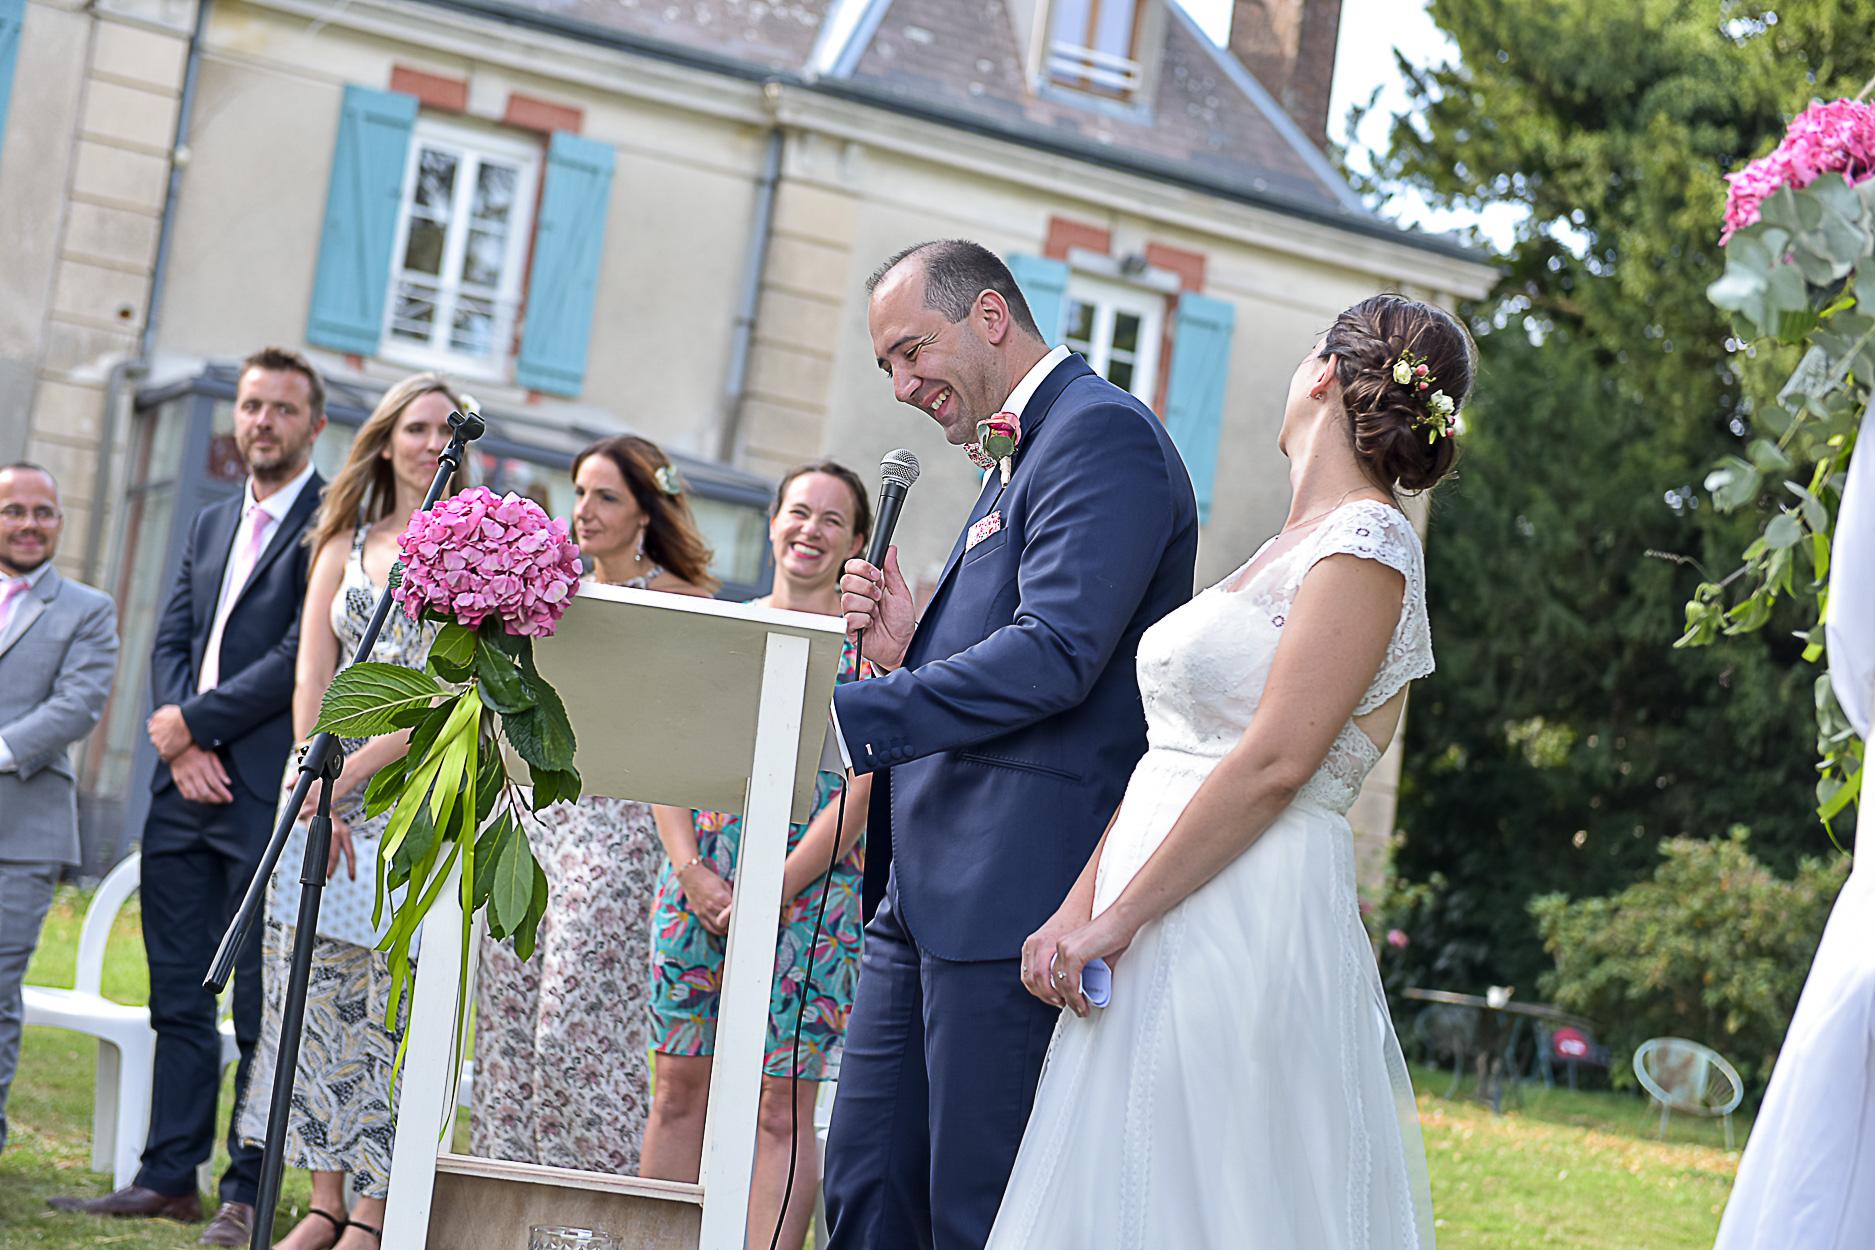 photographe-mariage-ceremonie-laique-ferme-armenon